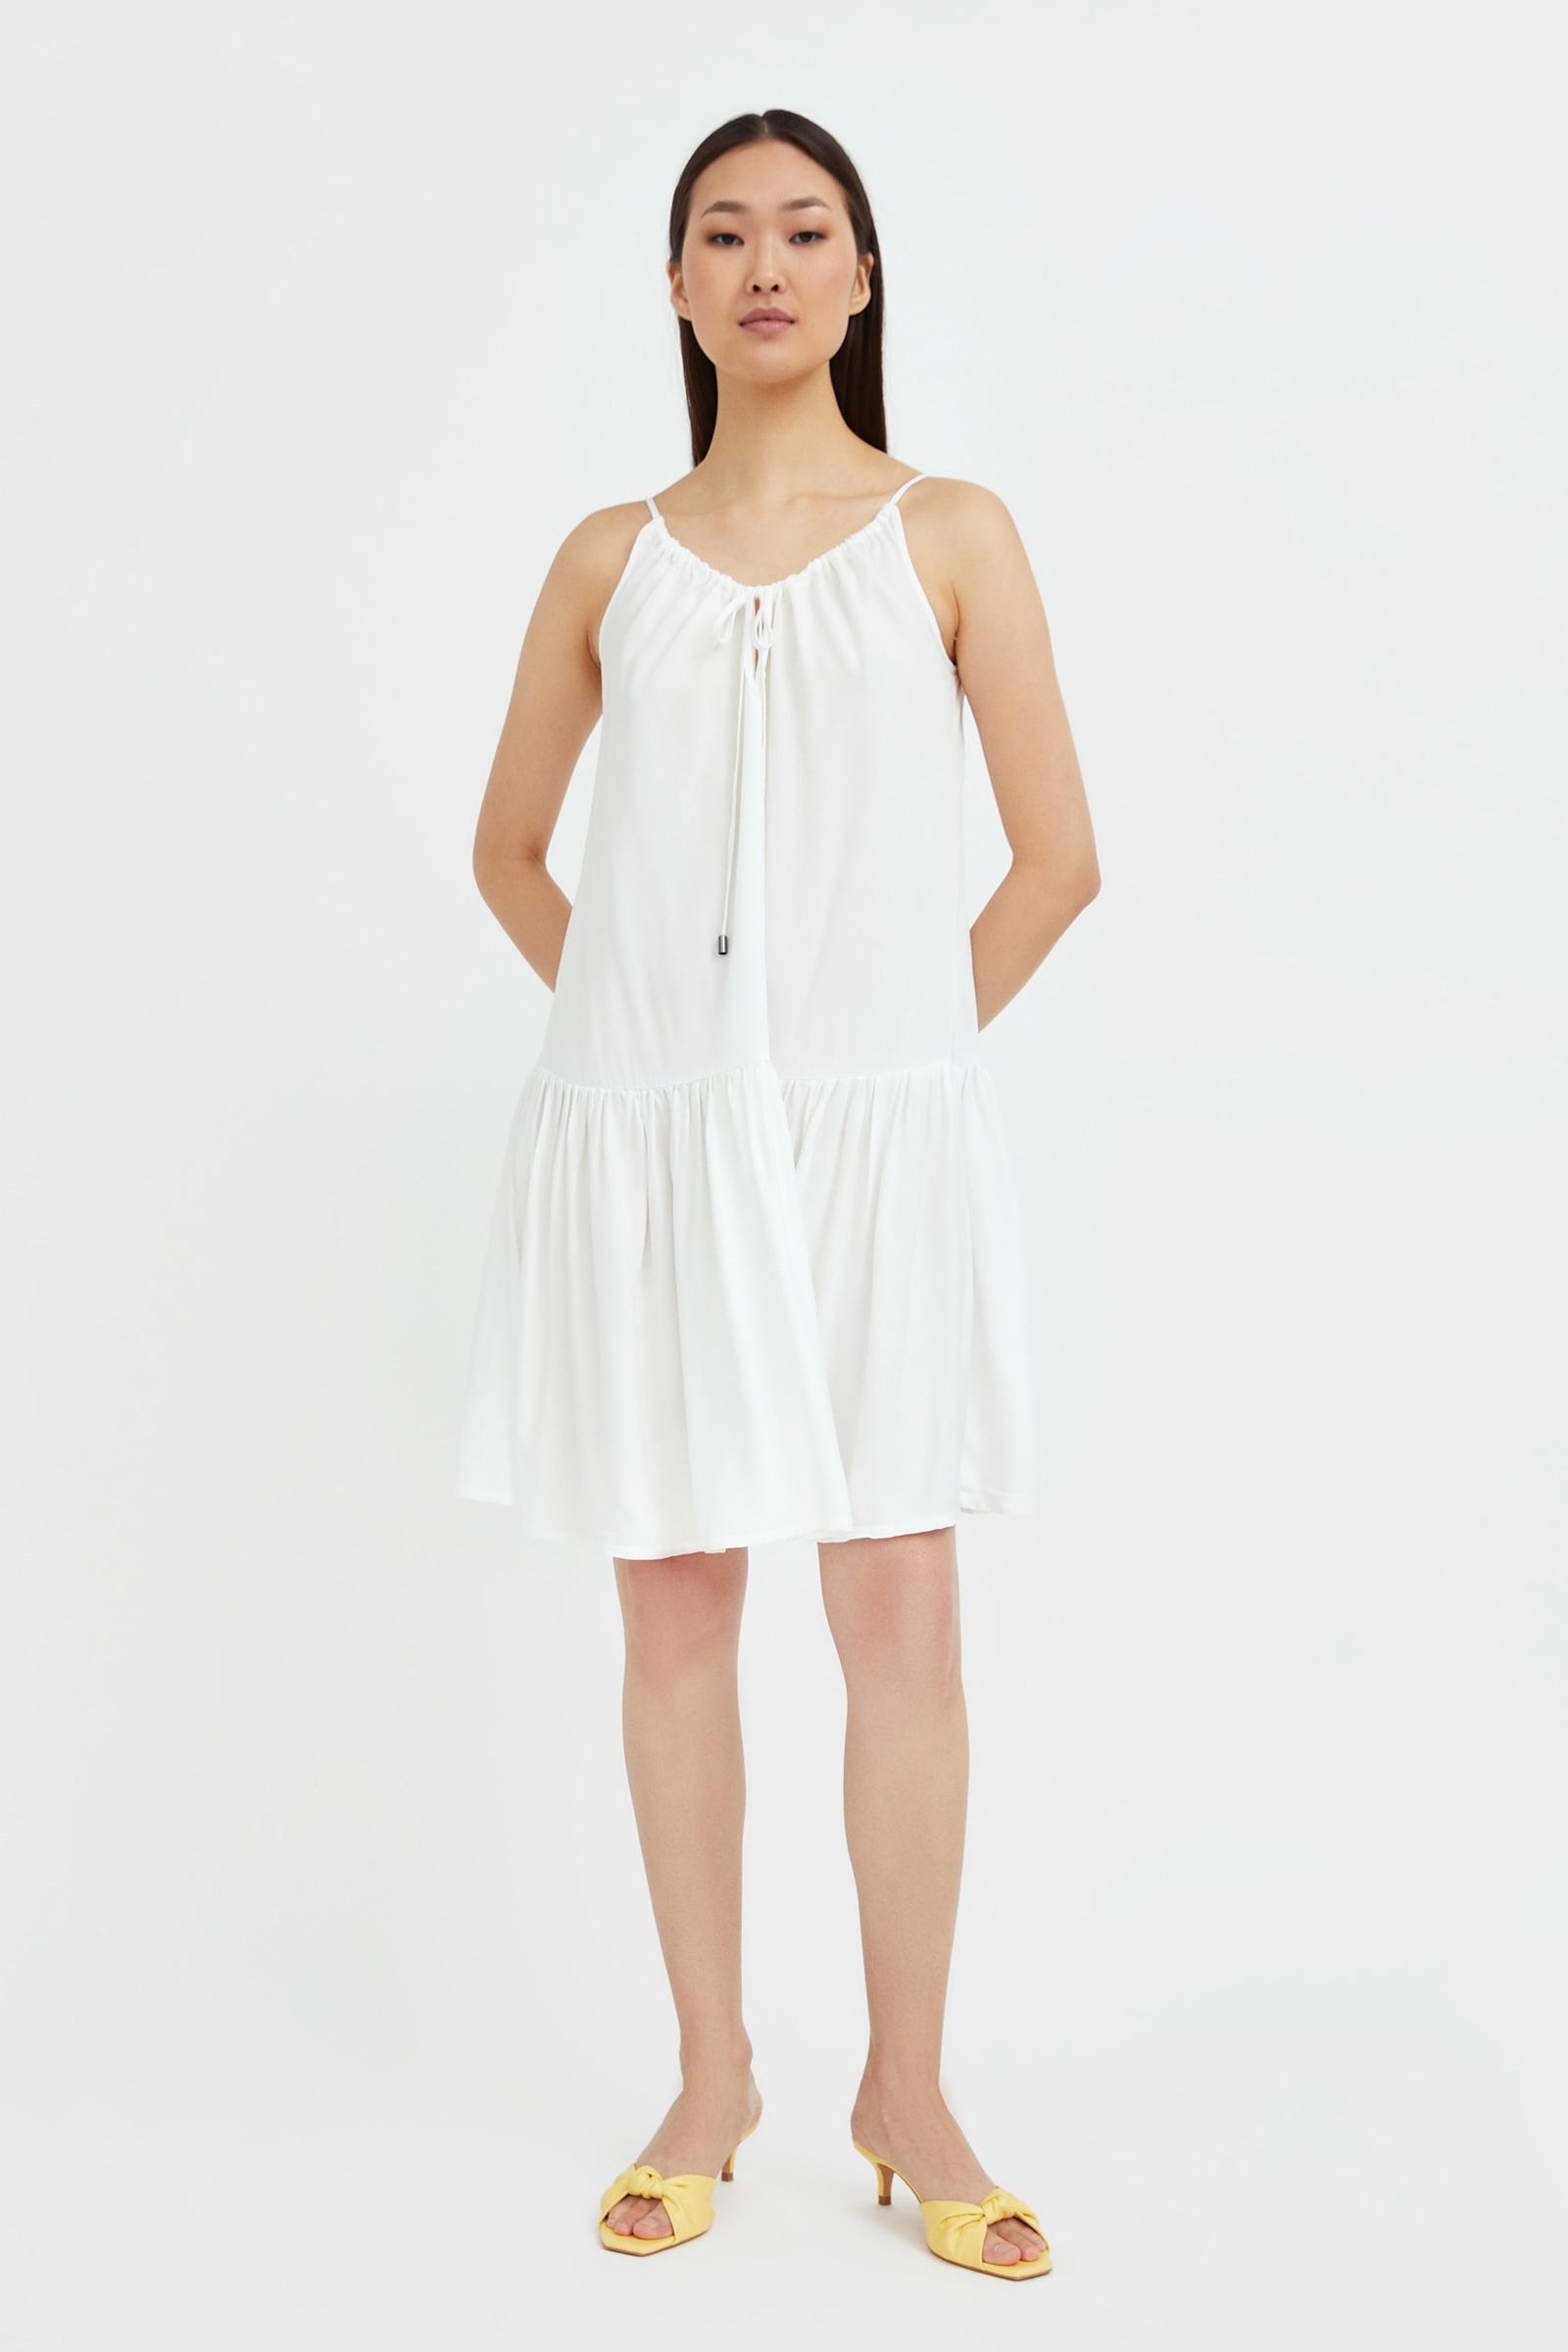 finn flare -  Jerseykleid, in A-Linie